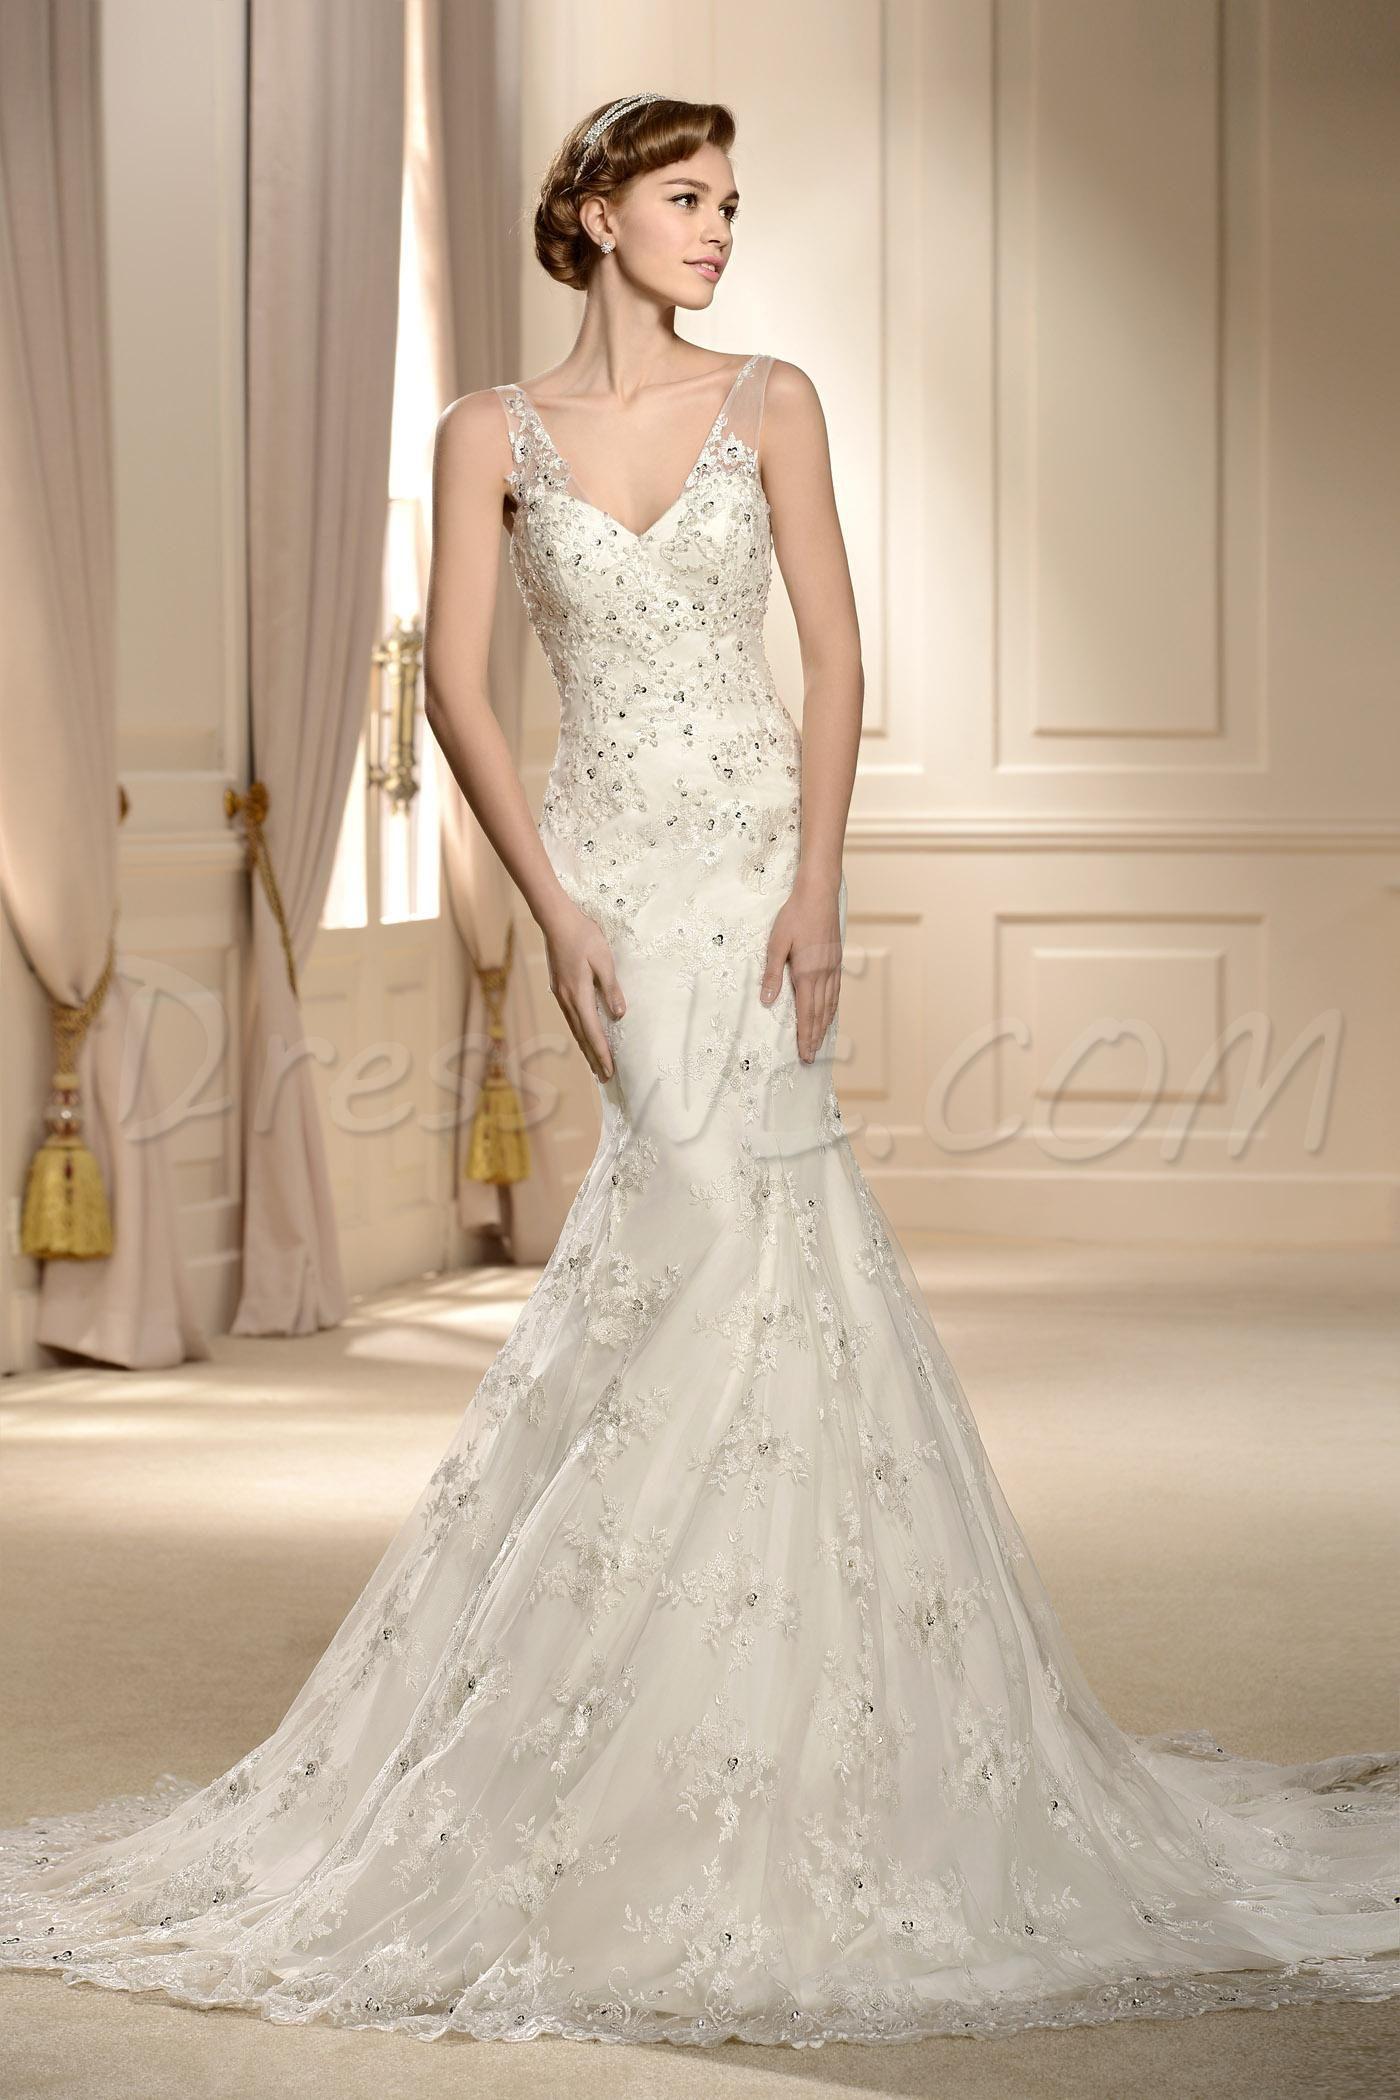 Modest wedding dresses under 200   Dressweサプライ品エレガントなVネックトランペット